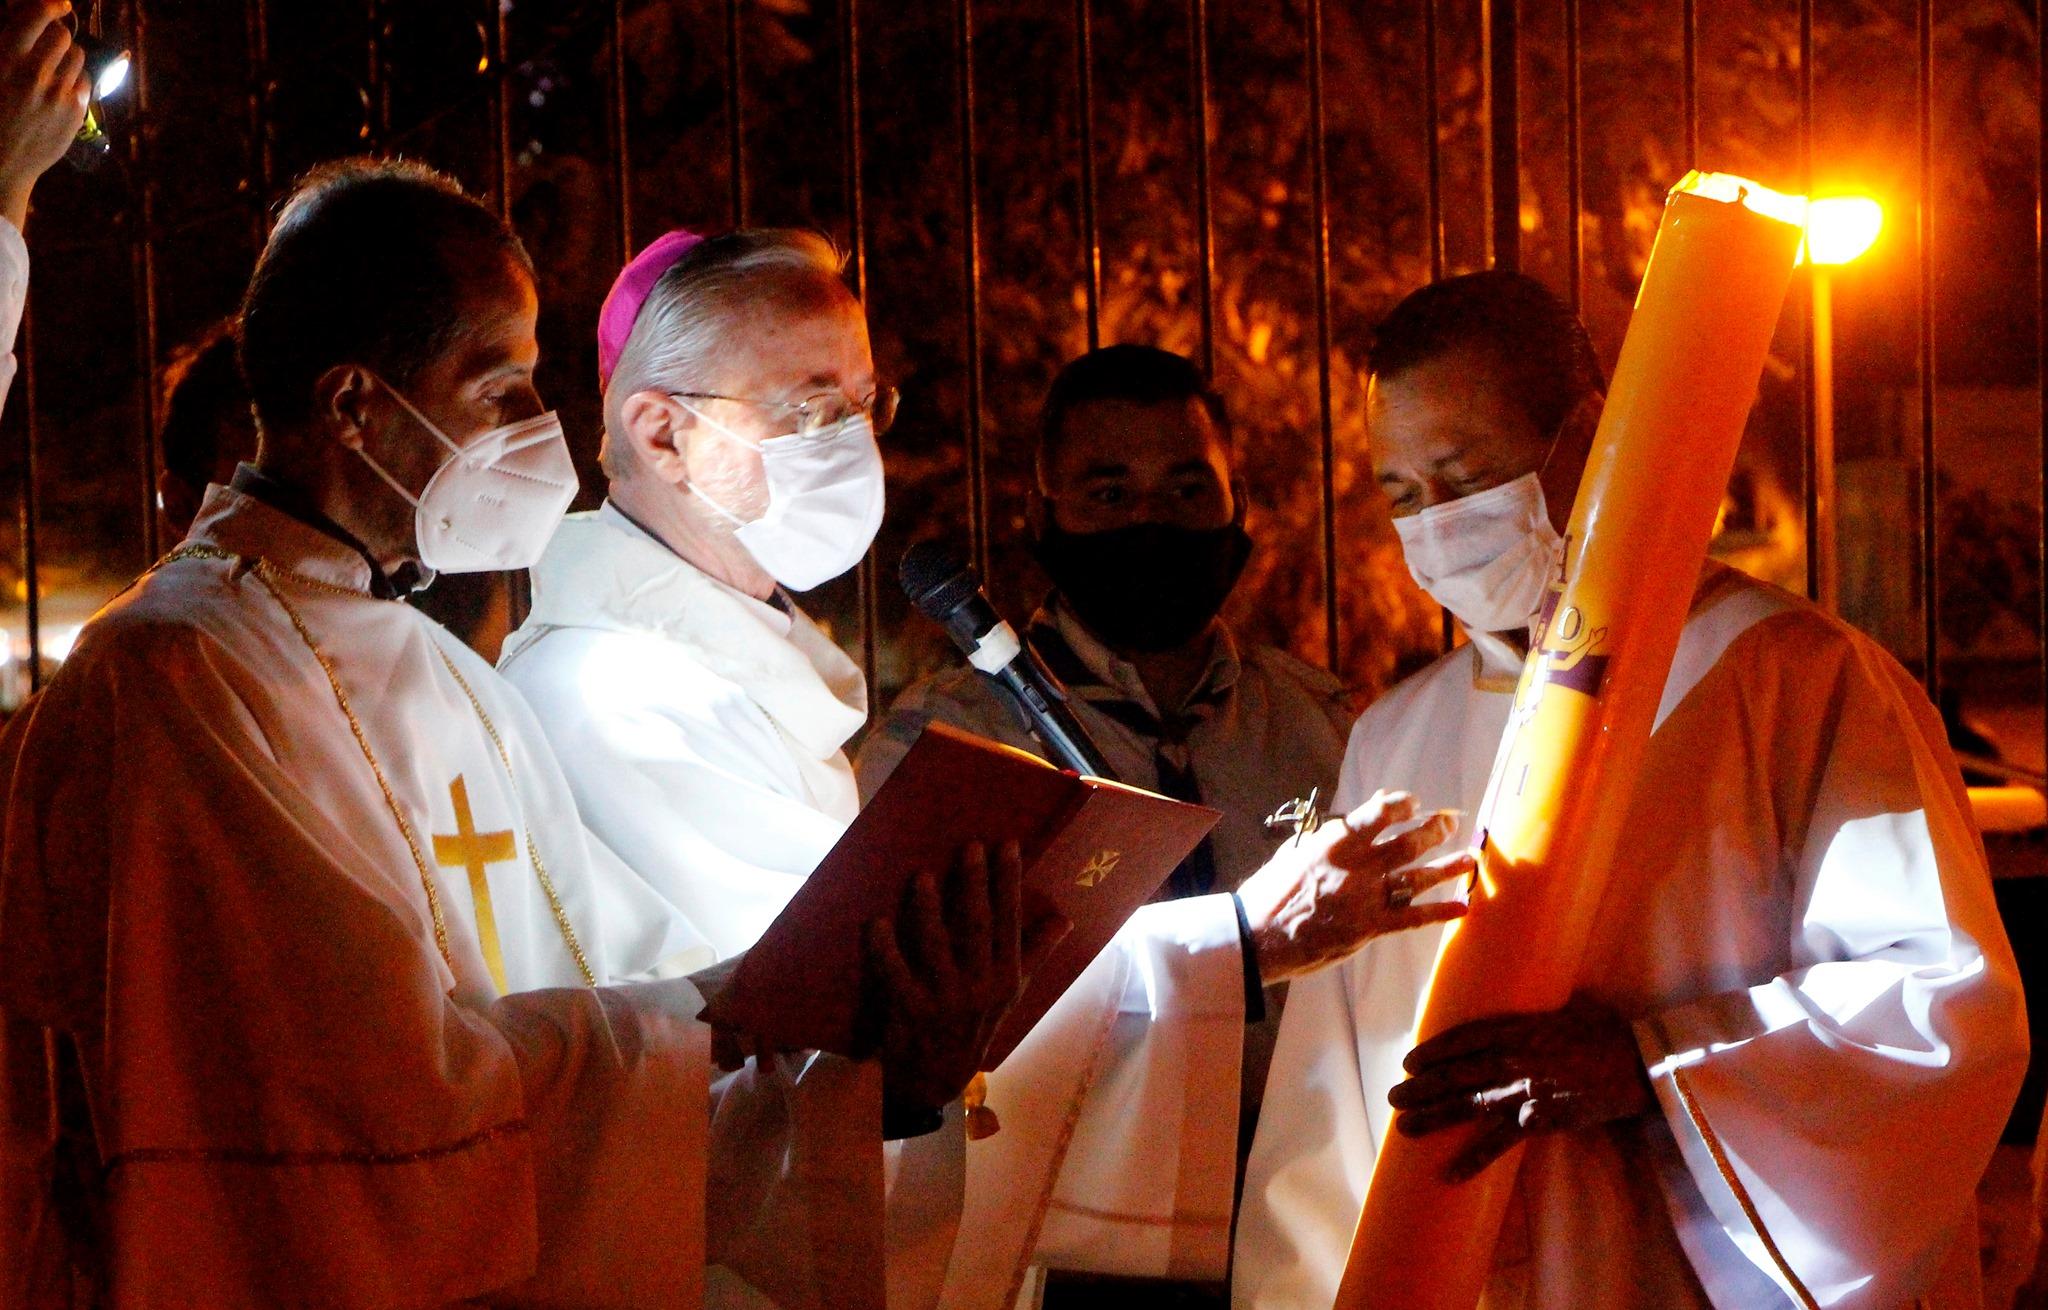 Arzobispo Stanovnik El mensaje más contundente